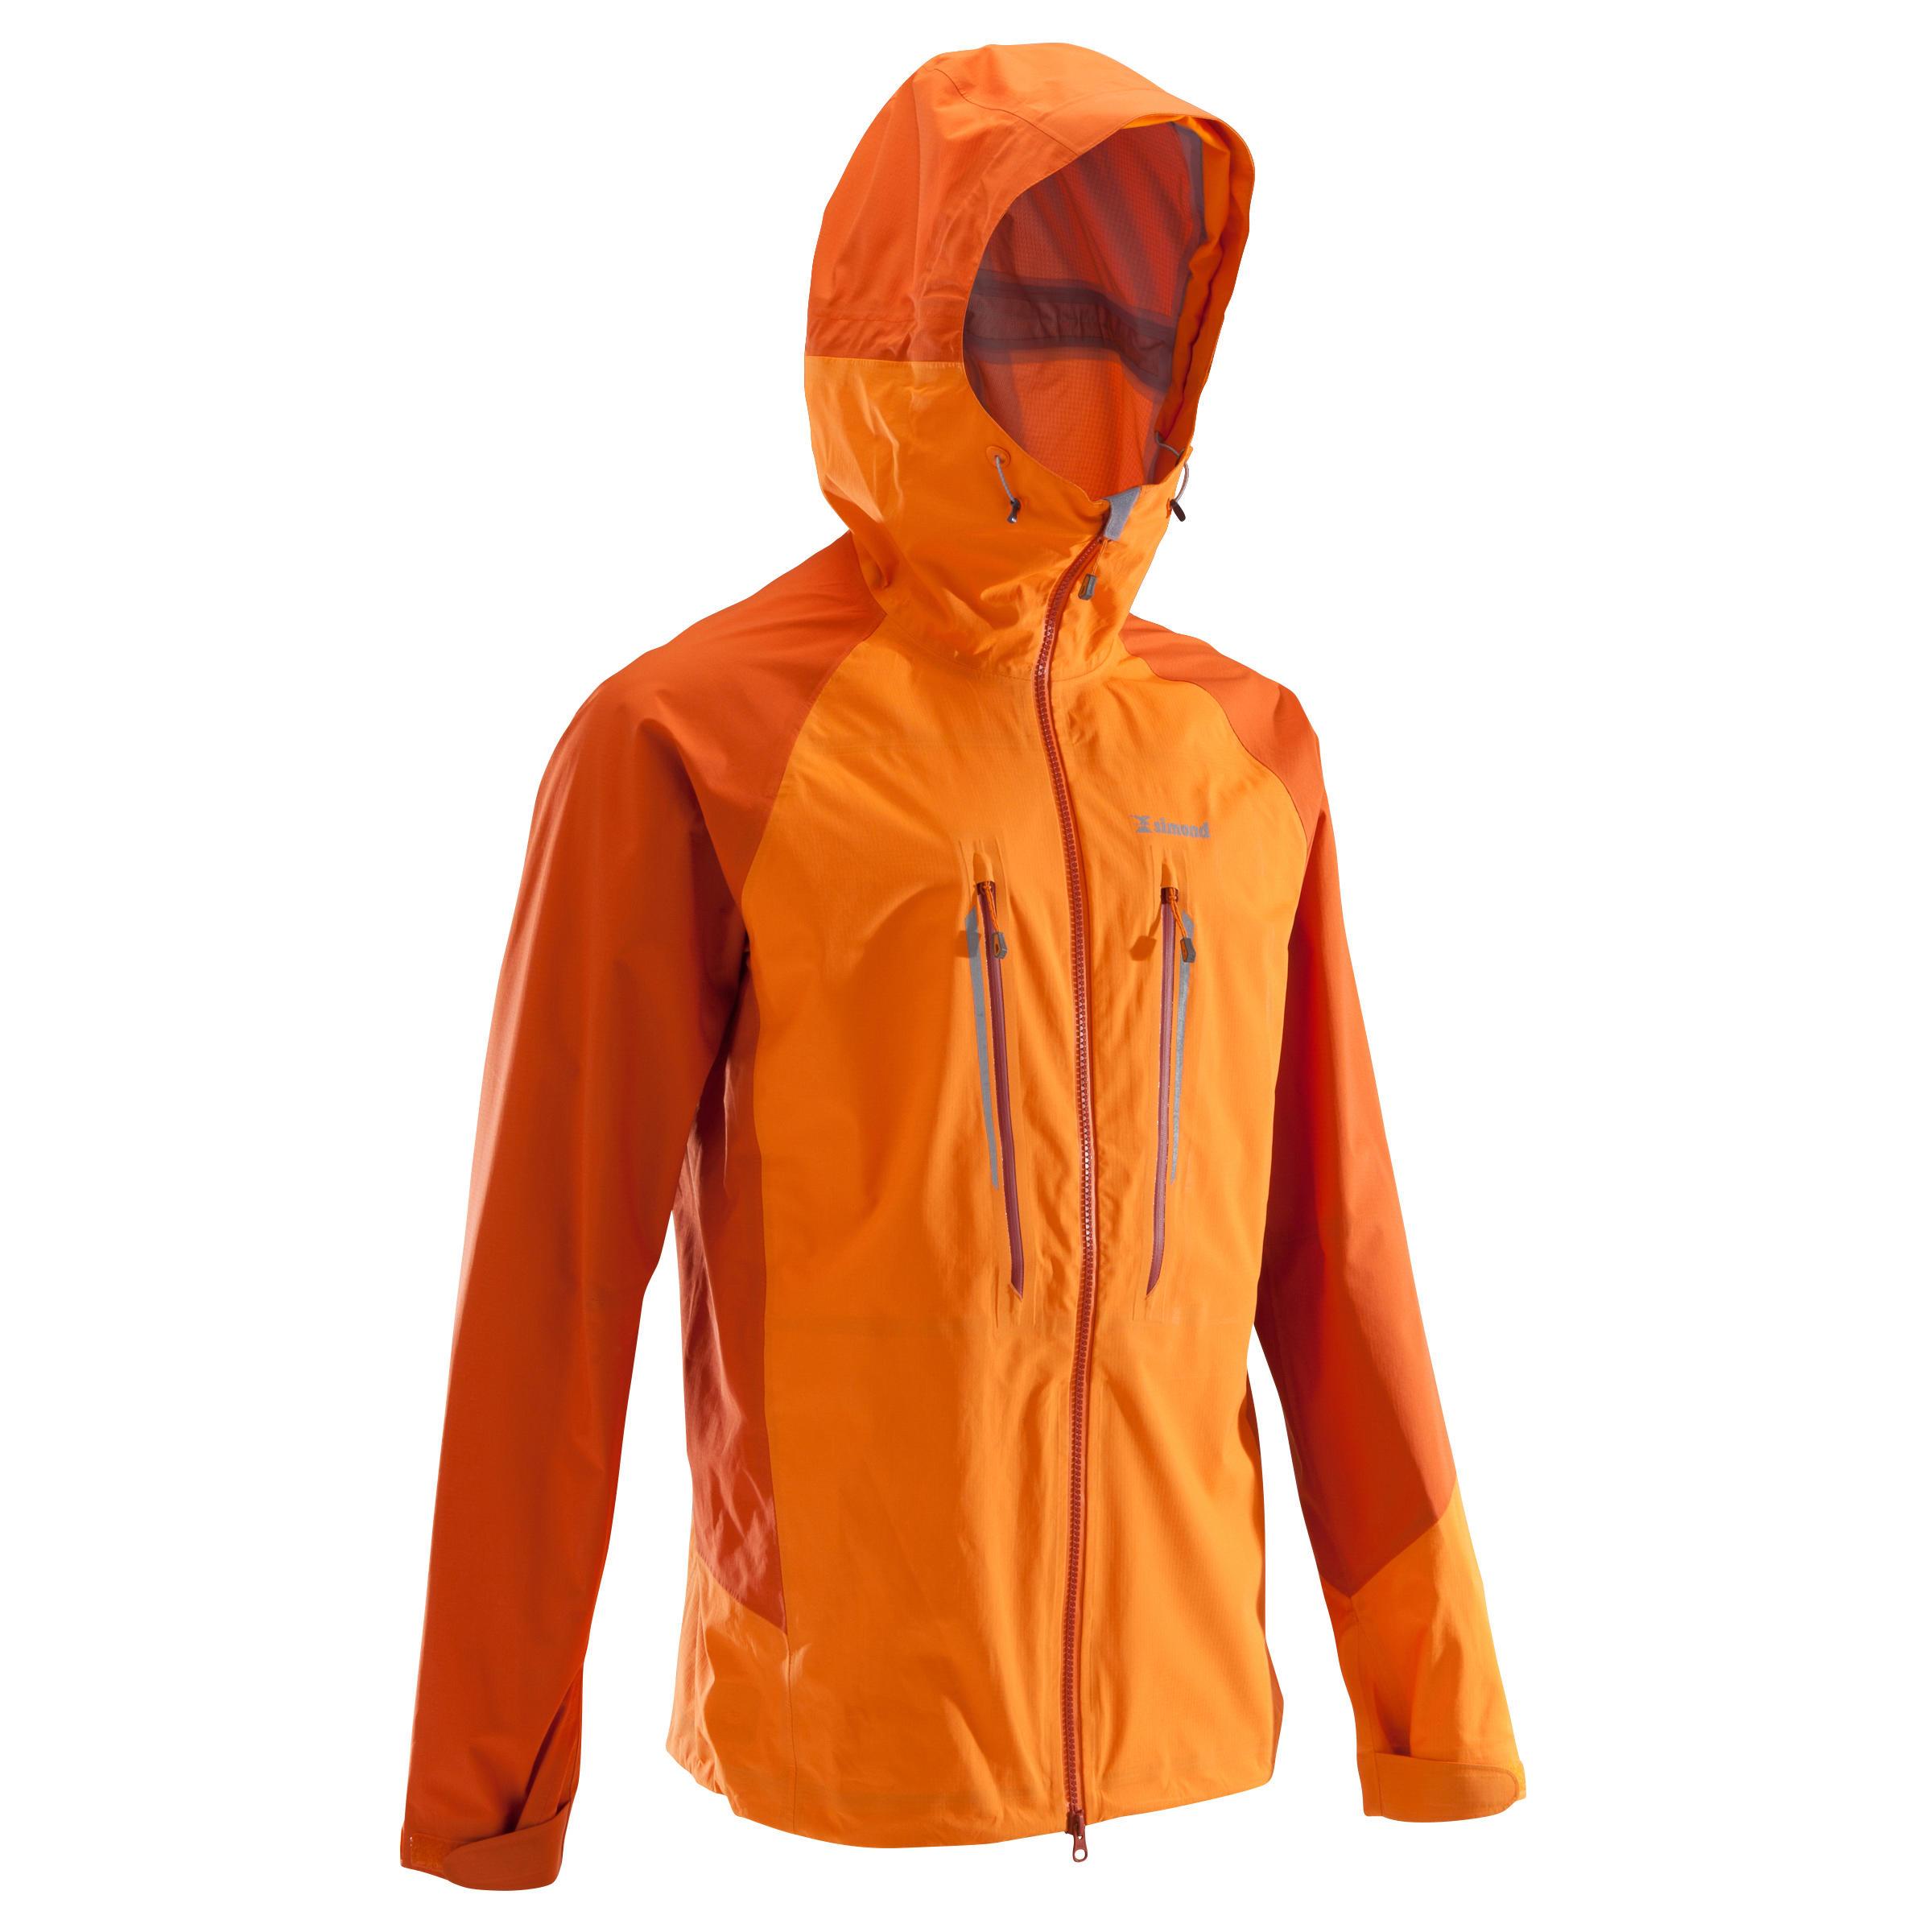 Comprar Ropa de Apinismo y Alta Montaña online  4c7a231b0bfd